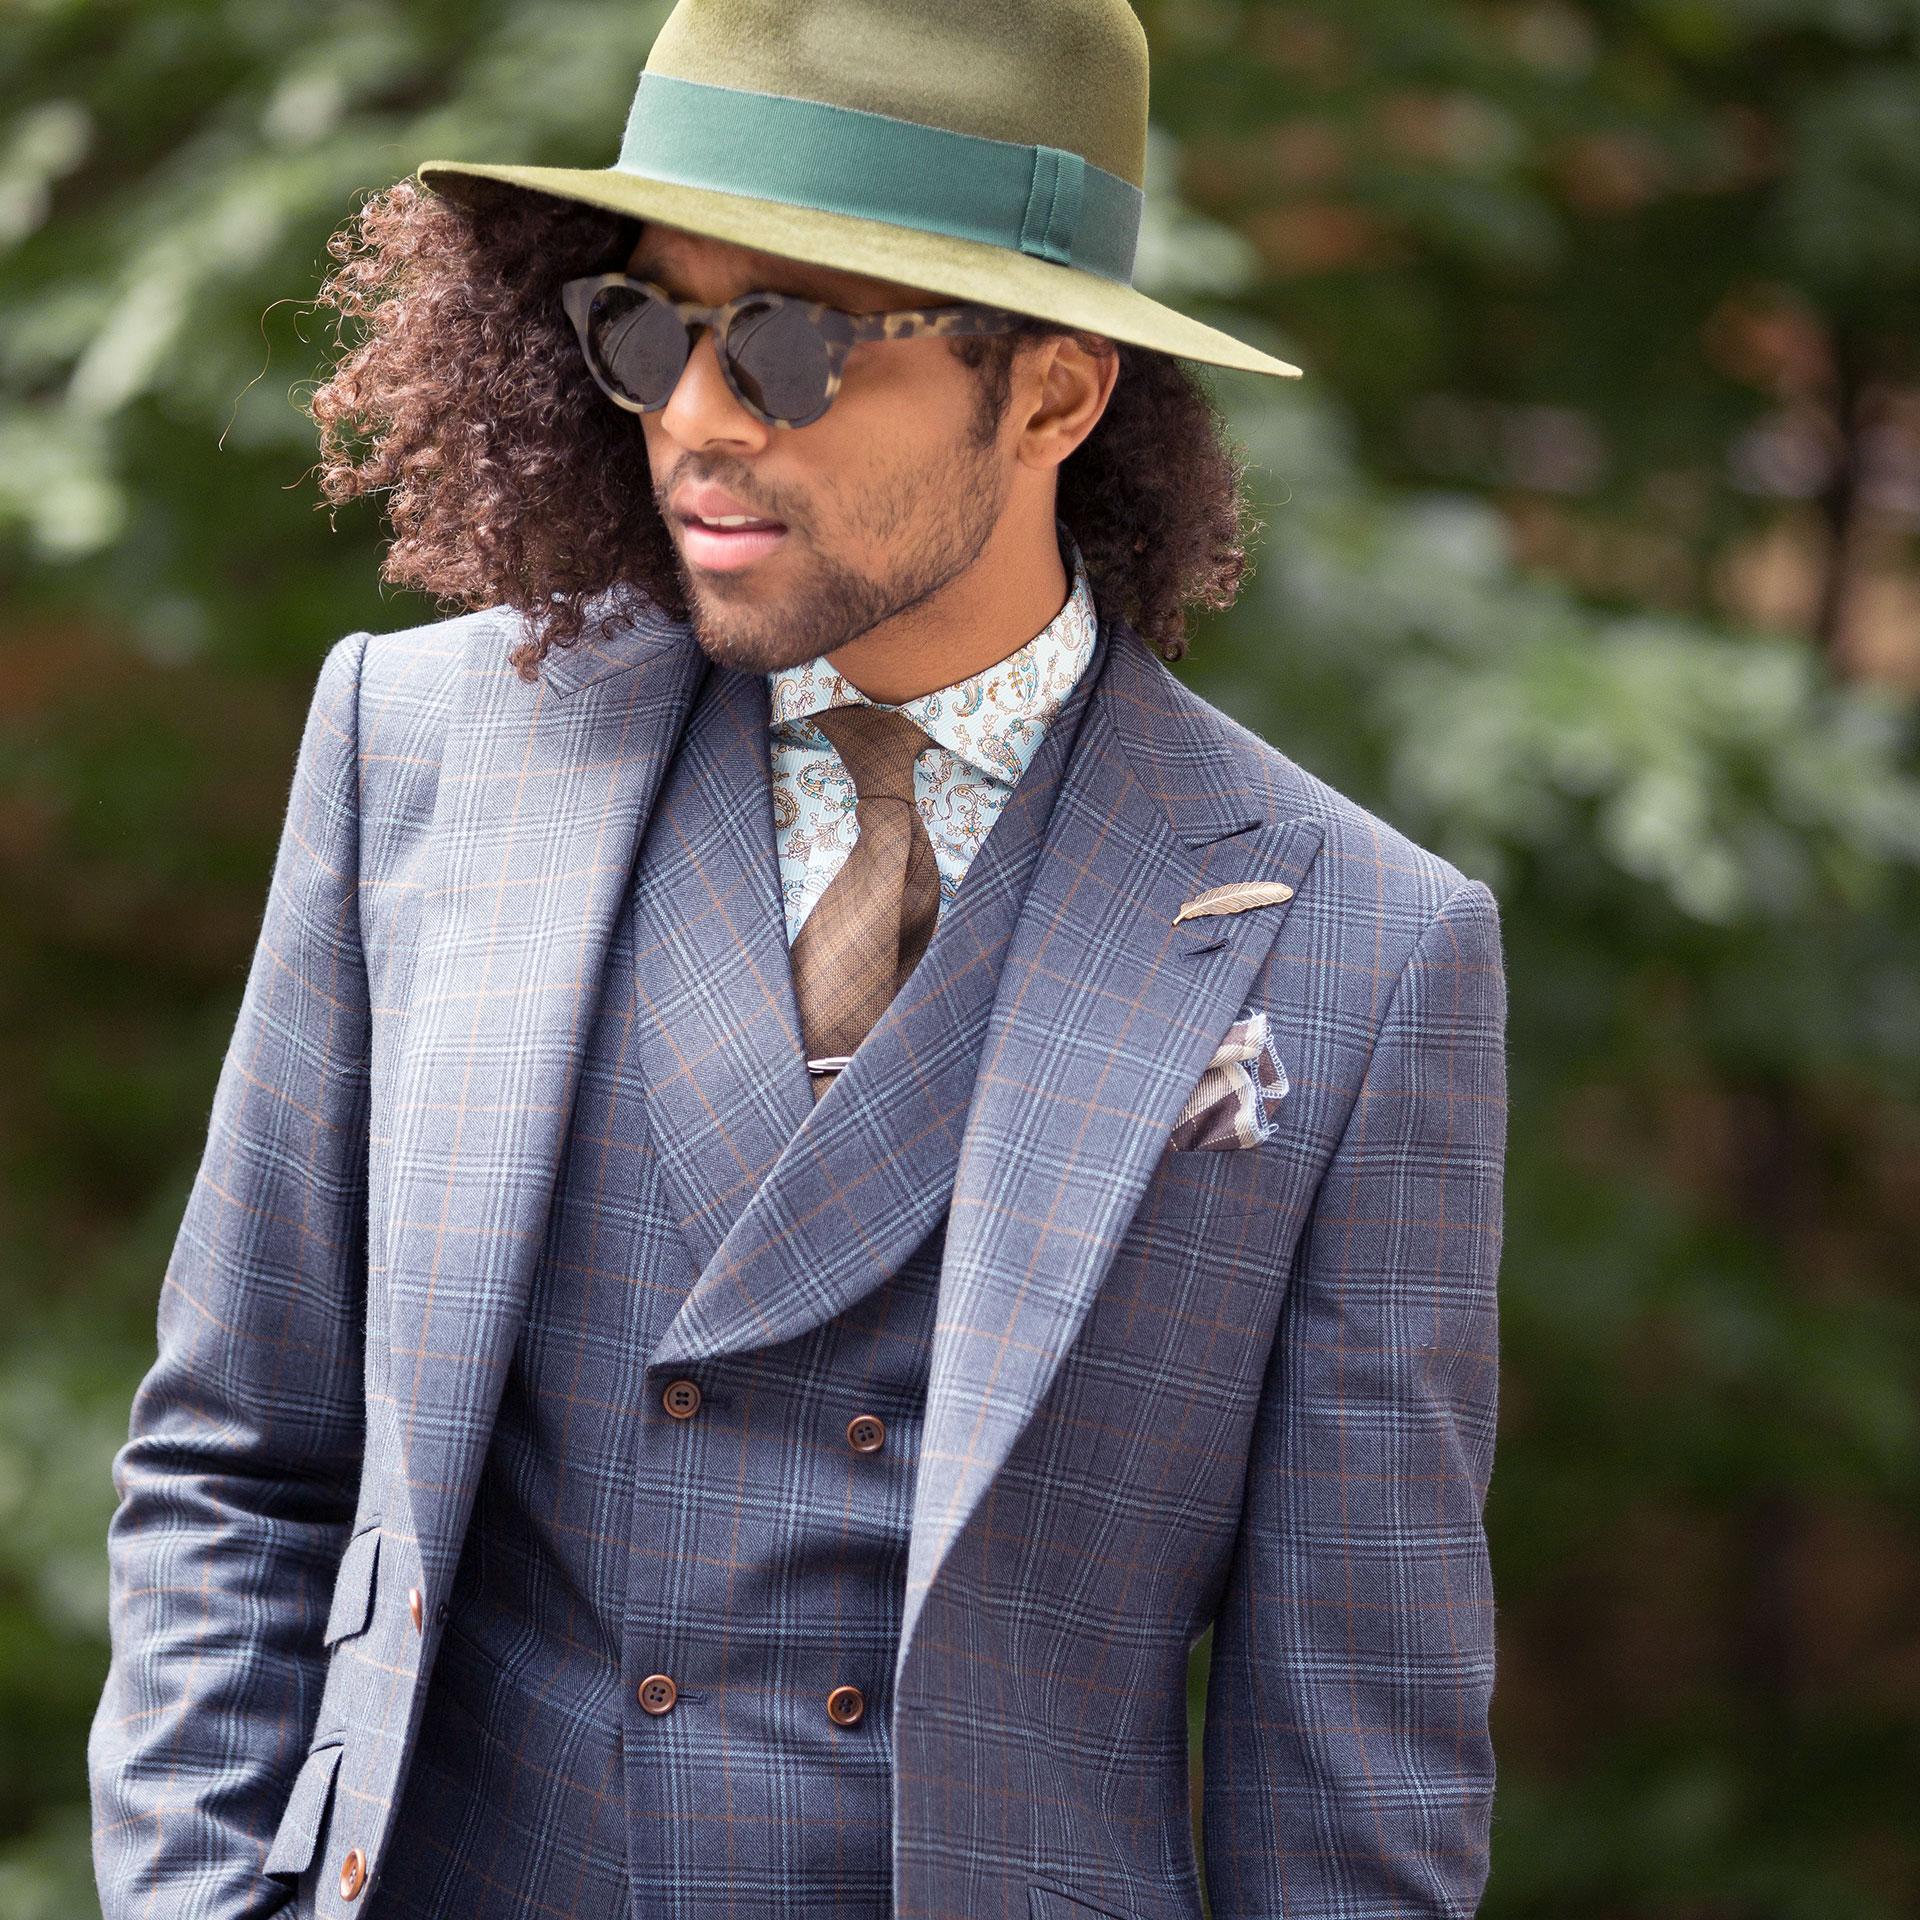 eViewVillage:  Shop at Surmesur for Men's Fashion - Fashion Accessories